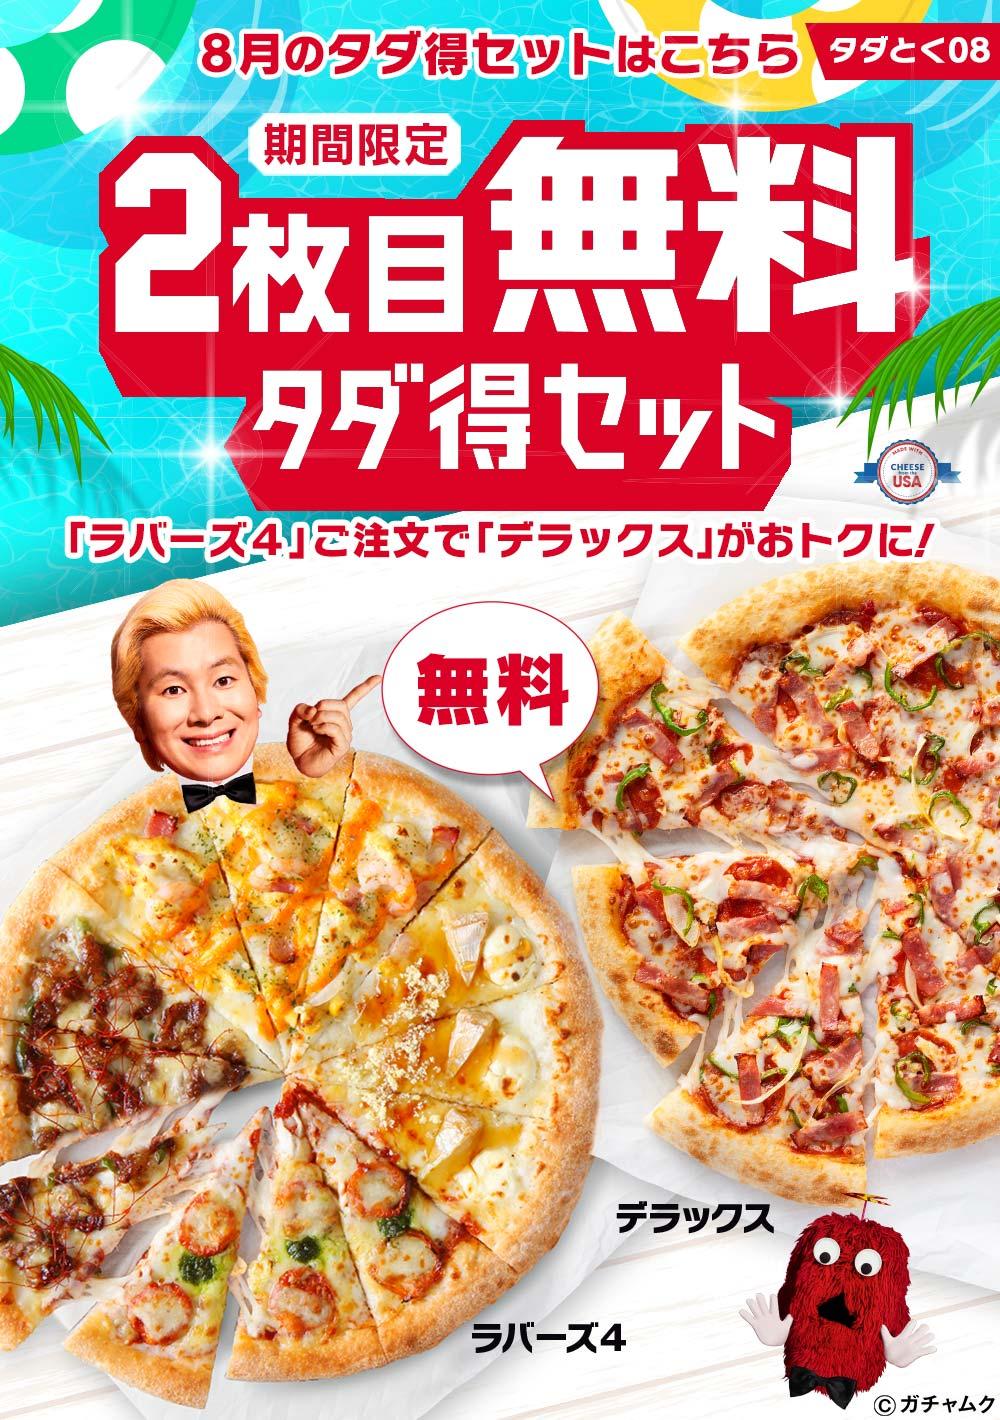 ピザハットの2枚目無料タダ得セットキャンペーン